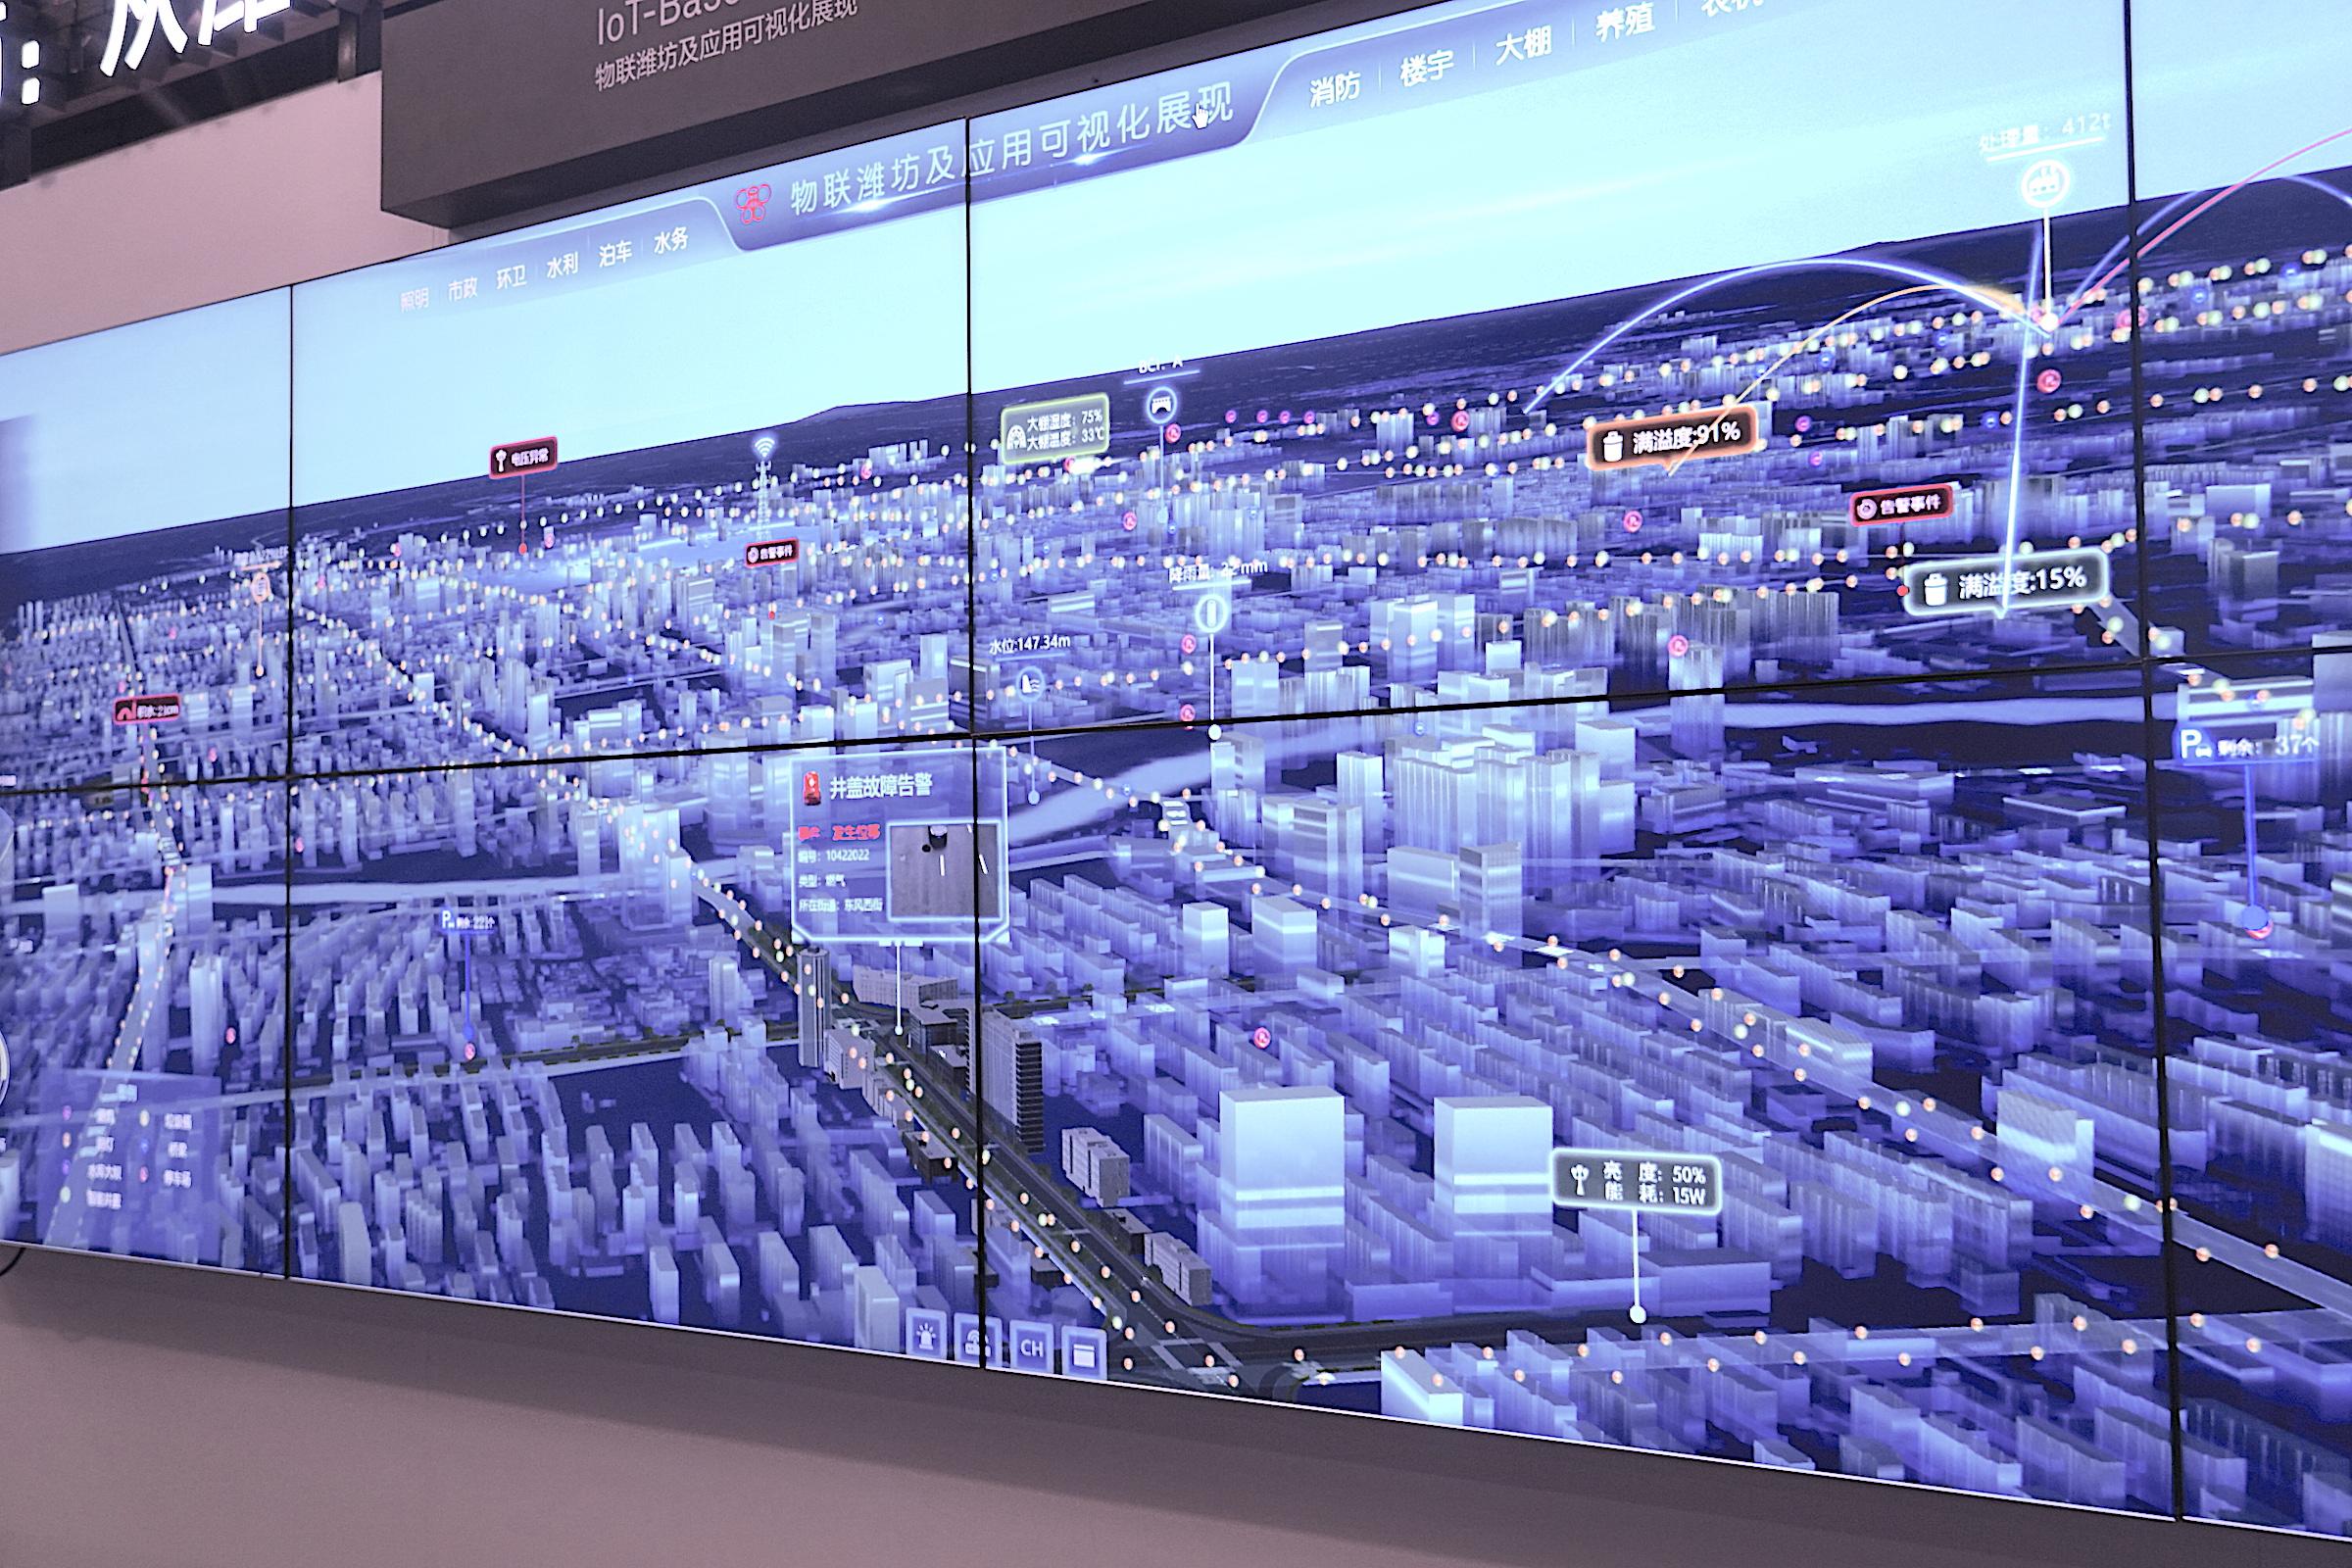 ファーウェイ・コネクトのスマートシティ展示。大型スクリーンにマンホール故障の警告が表示されている